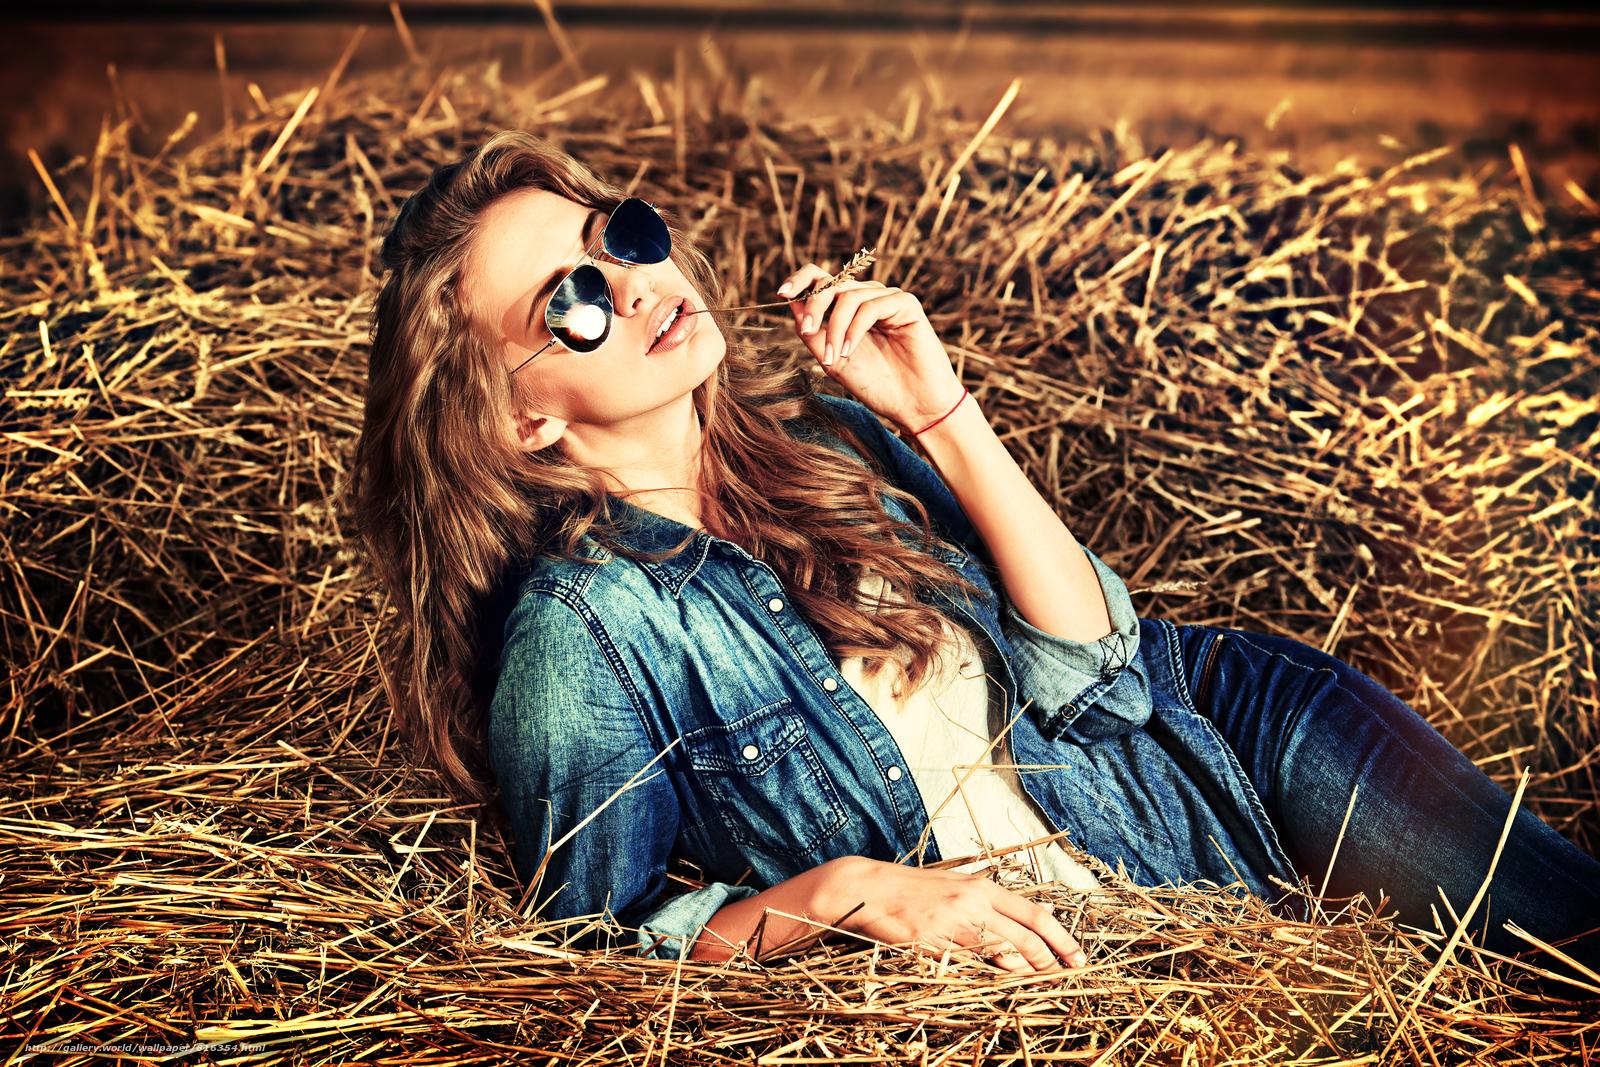 Скачать обои модель,  джинса,  стиль,  очки бесплатно для рабочего стола в разрешении 4200x2800 — картинка №616354